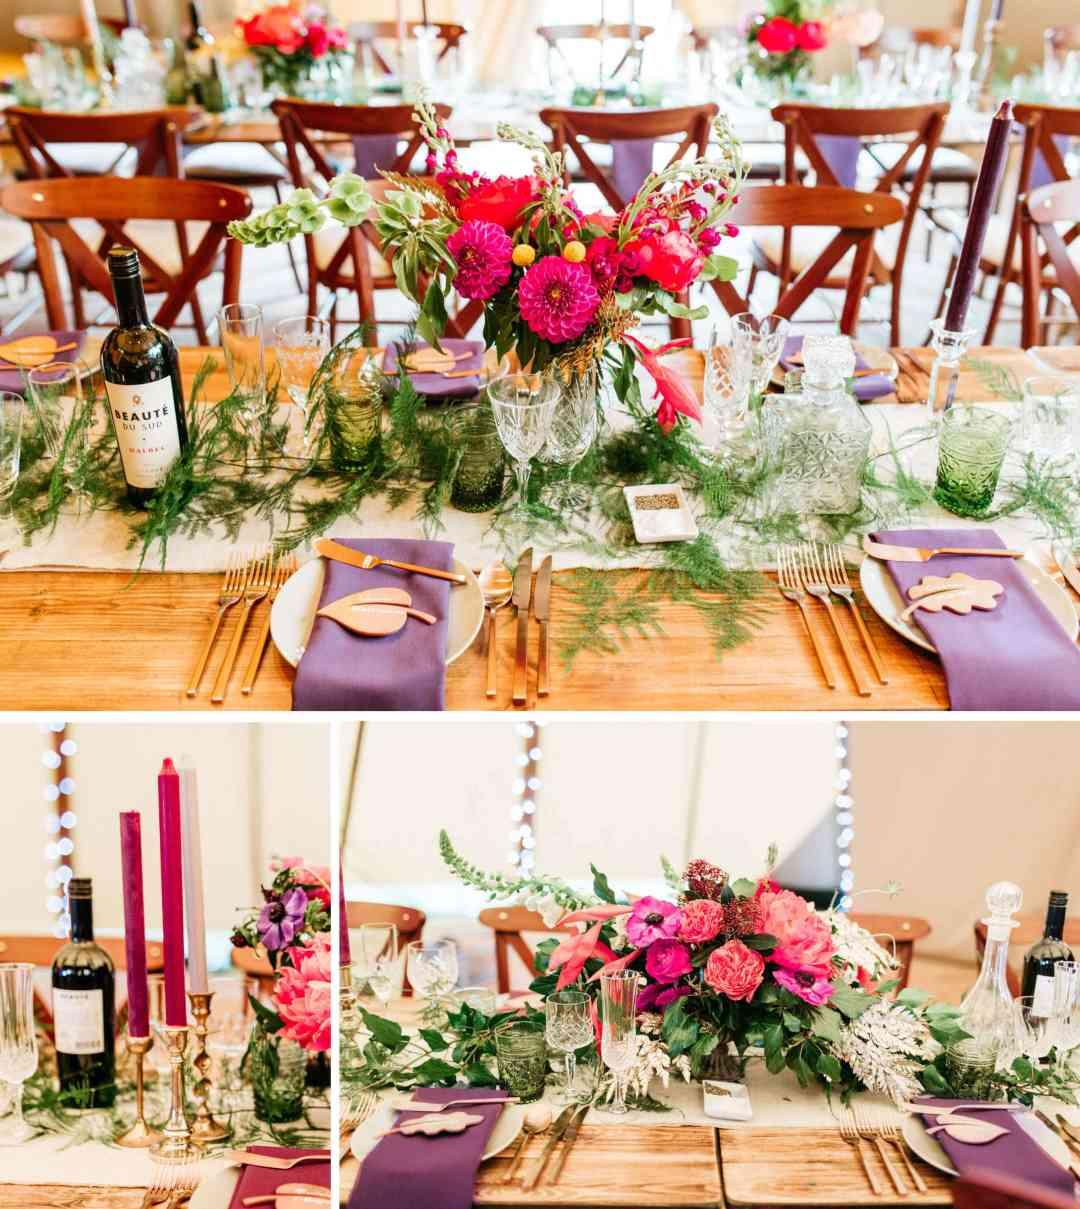 Safari wedding reception in Warnham tipi in Horsham - West Sussex wedding photographer